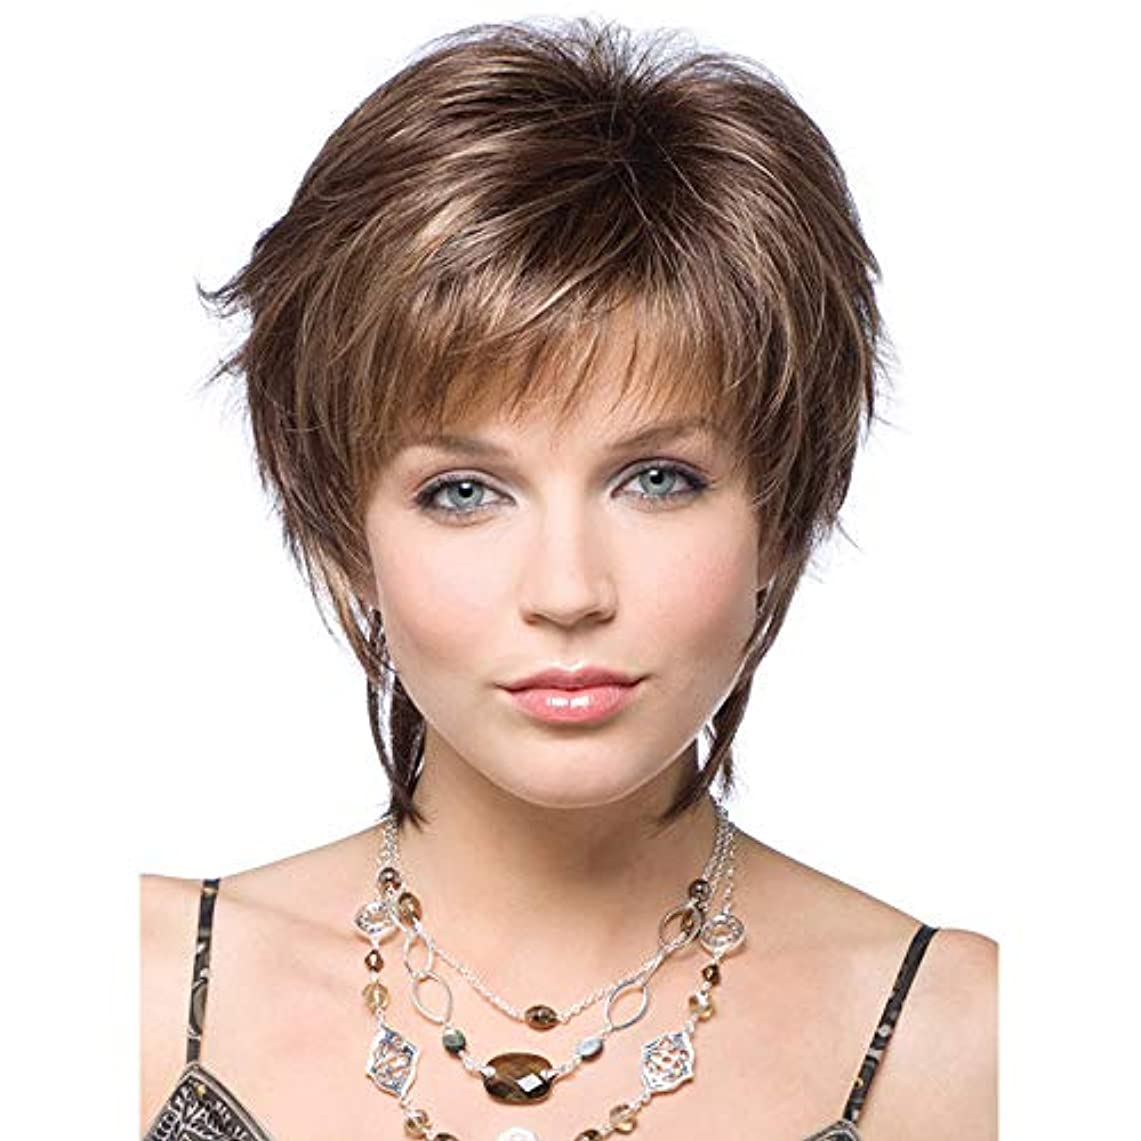 王位特許手当女性用かつら180%密度合成耐熱ショーツブラジル人毛ウィッグブラウン25cm